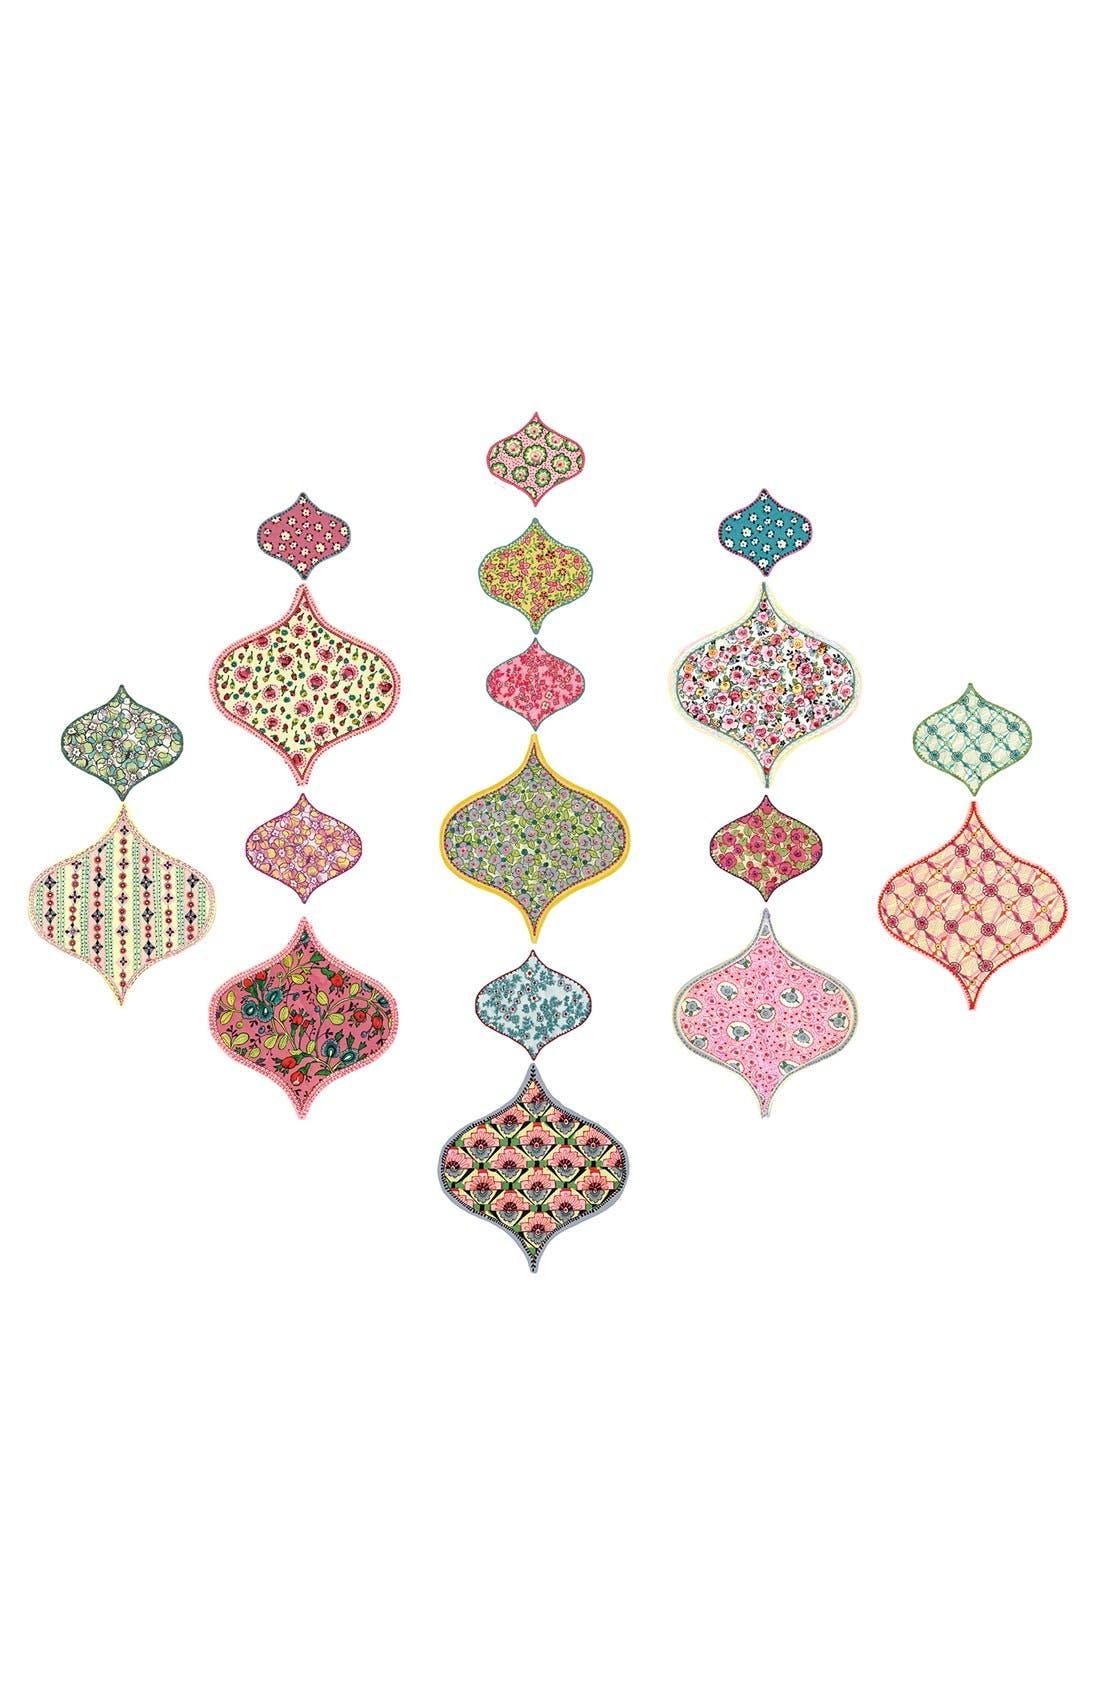 Main Image - Wallpops 'Boho Chic' Wall Art Decal Kit (Set of 18)